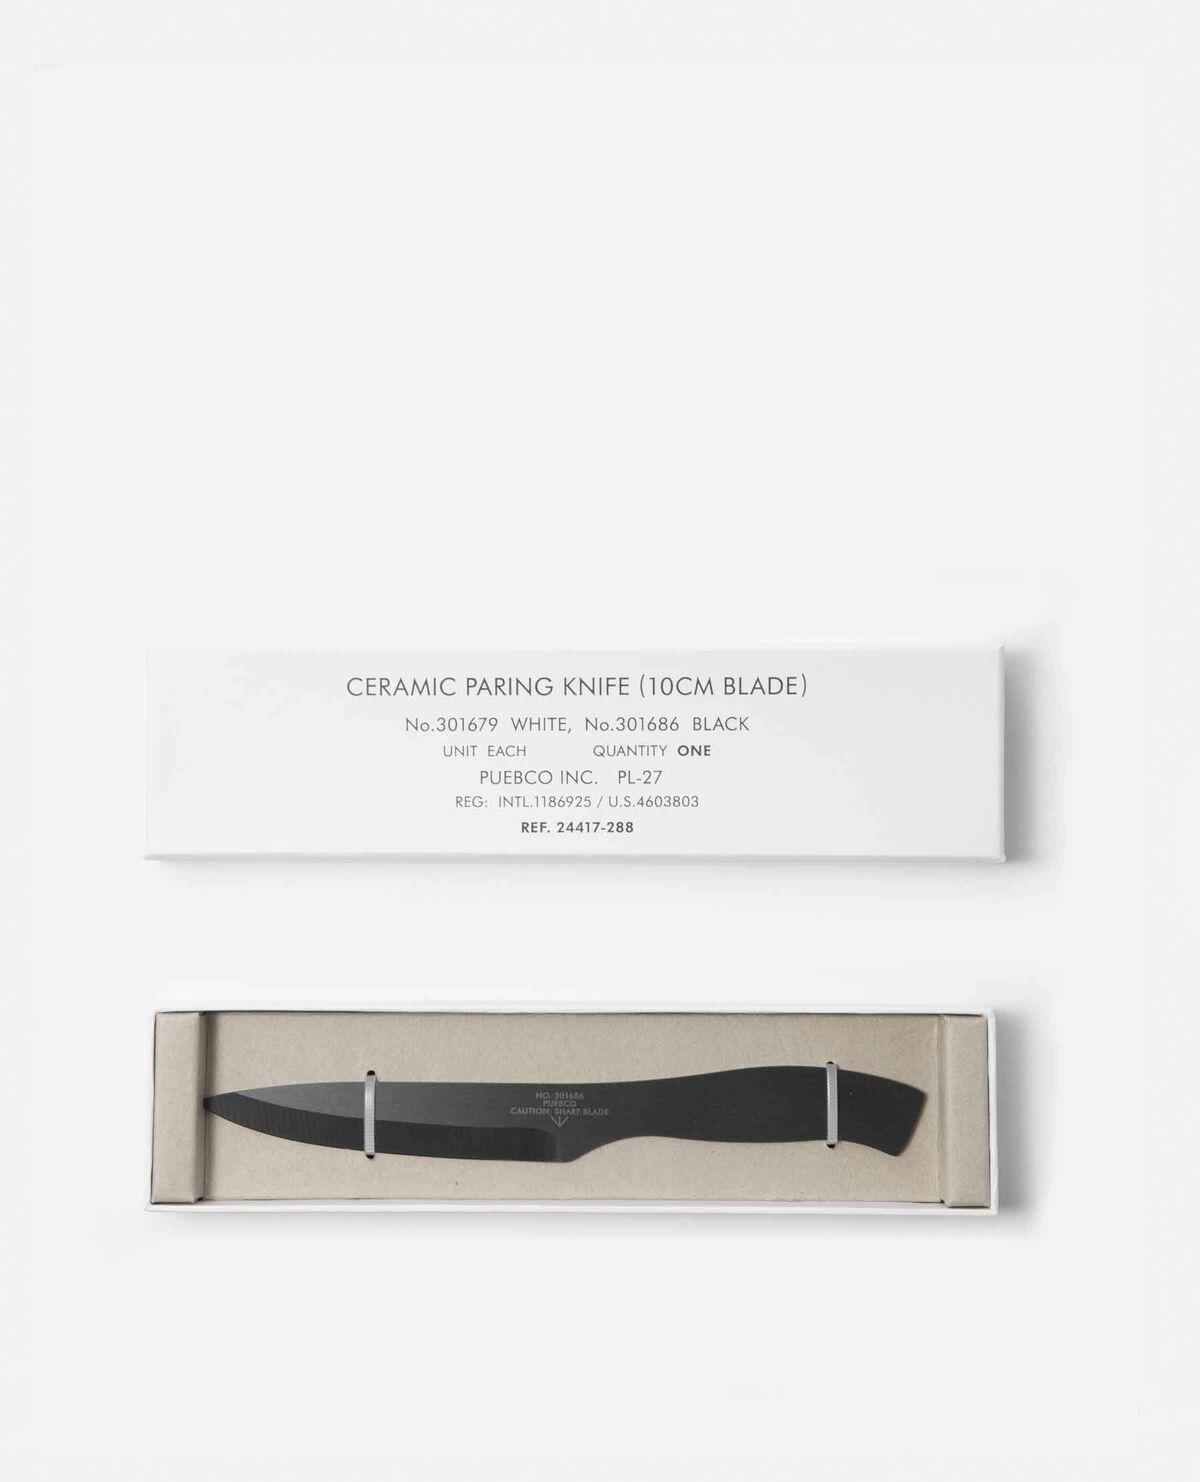 セラミックパーリングナイフ